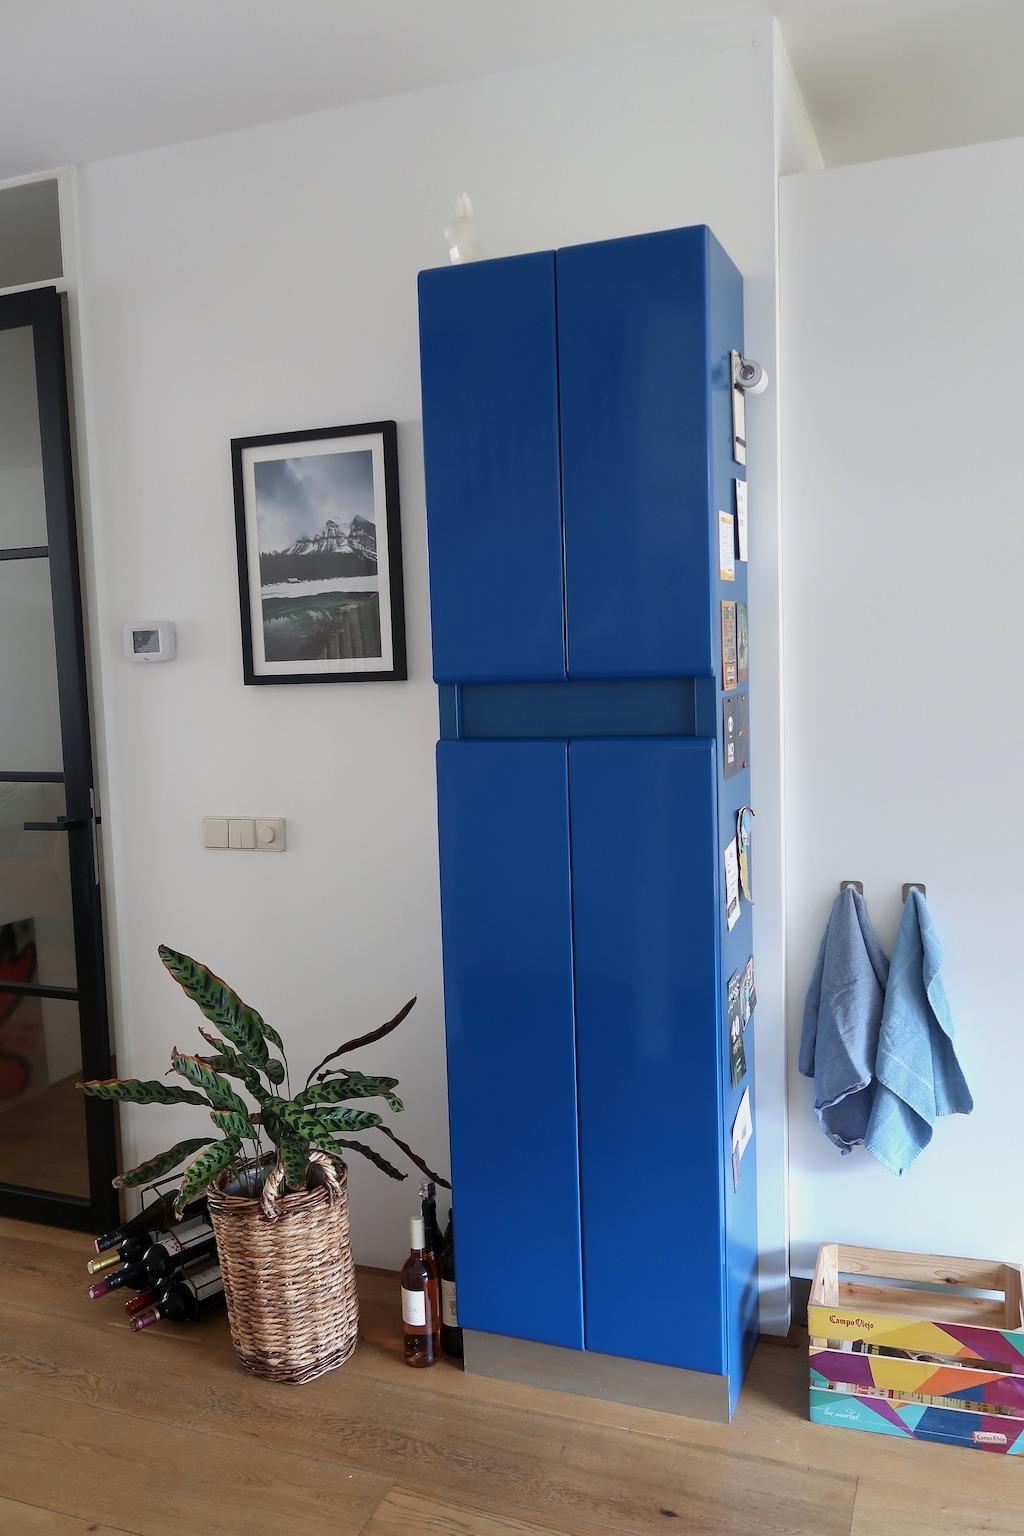 Loewy American kitchen voorraadkast blauw